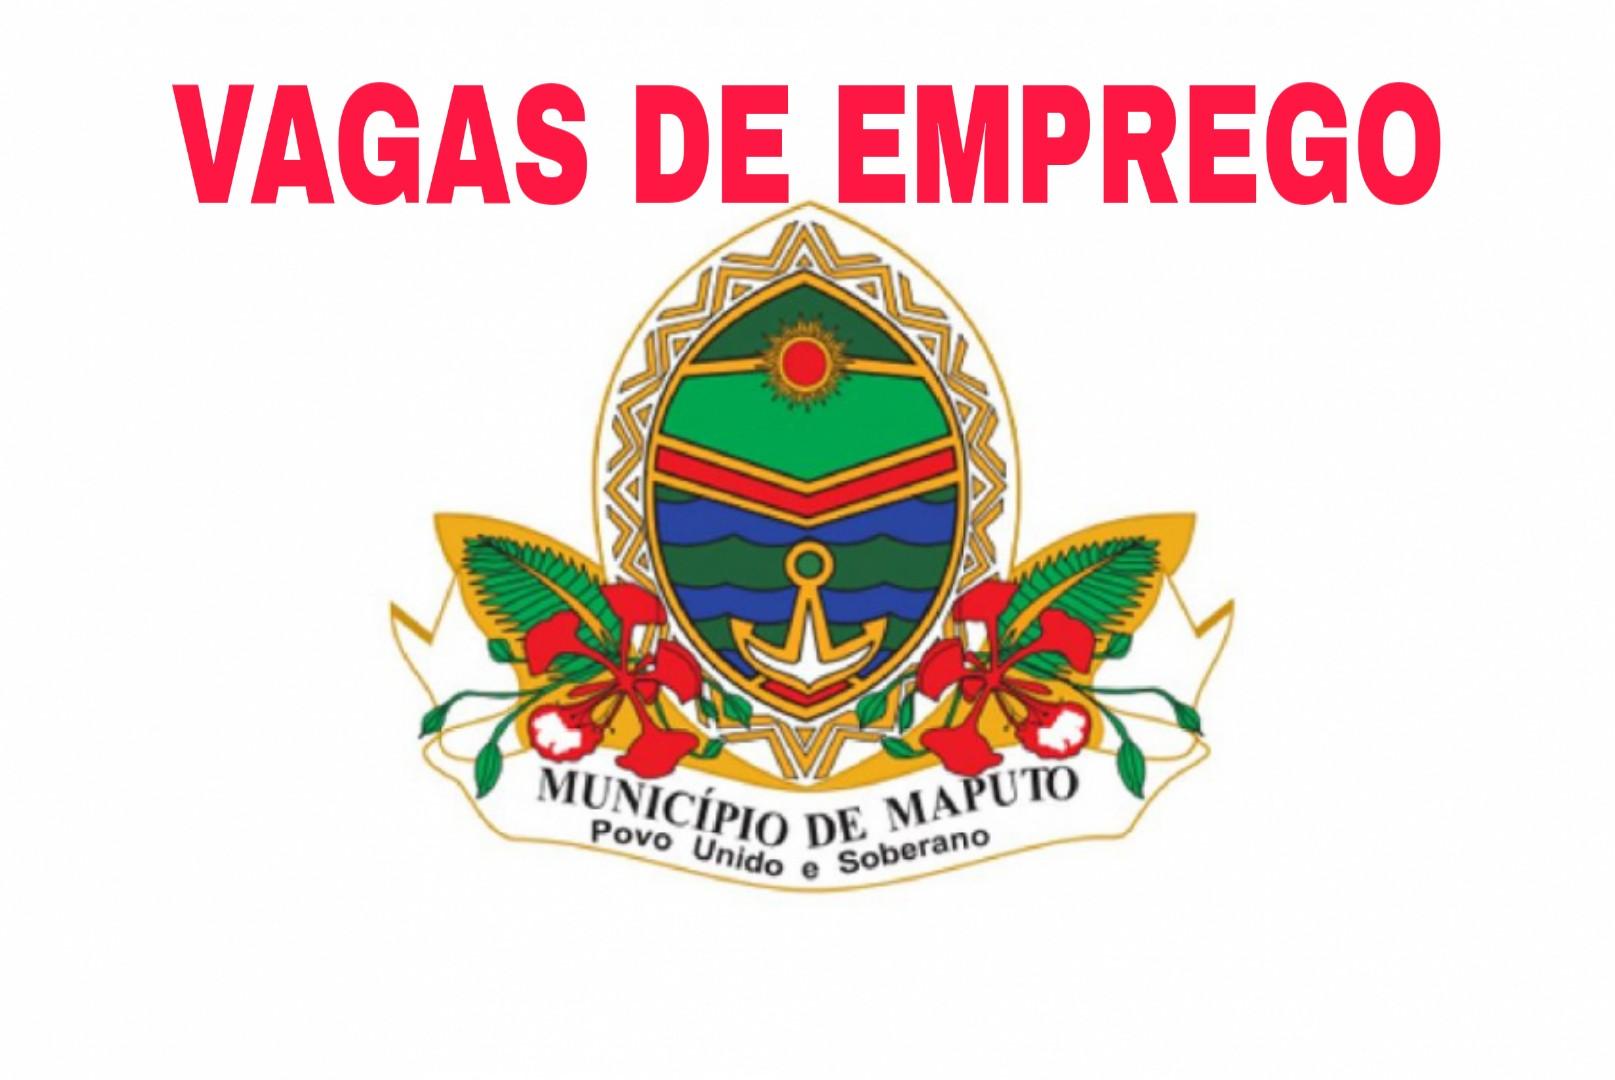 Sovagasmoz - Vagas de emprego no Conselho Municipal de Maputo